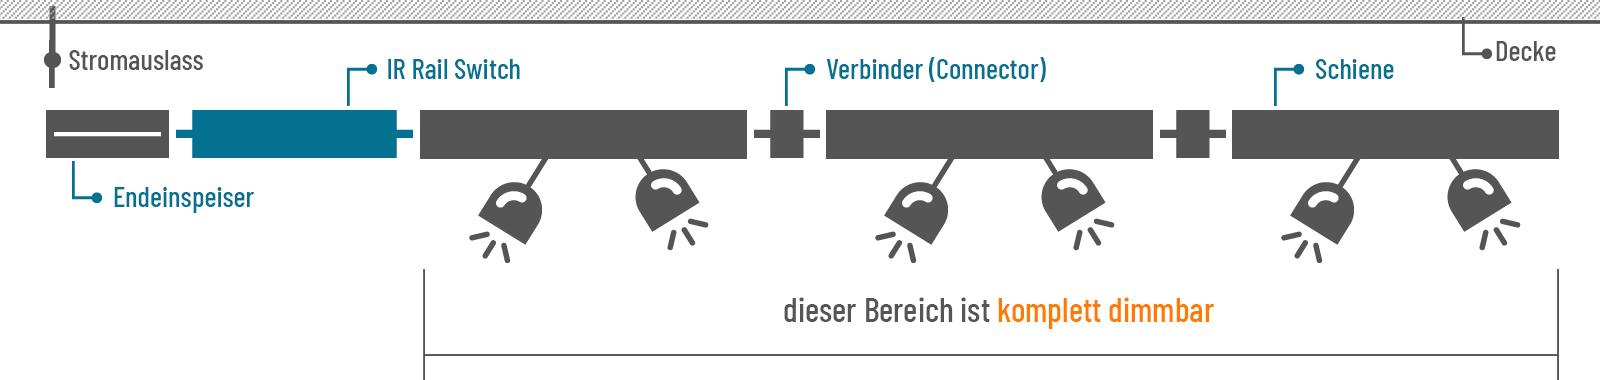 Beispiel URail dimmen mit IR Rail Switch